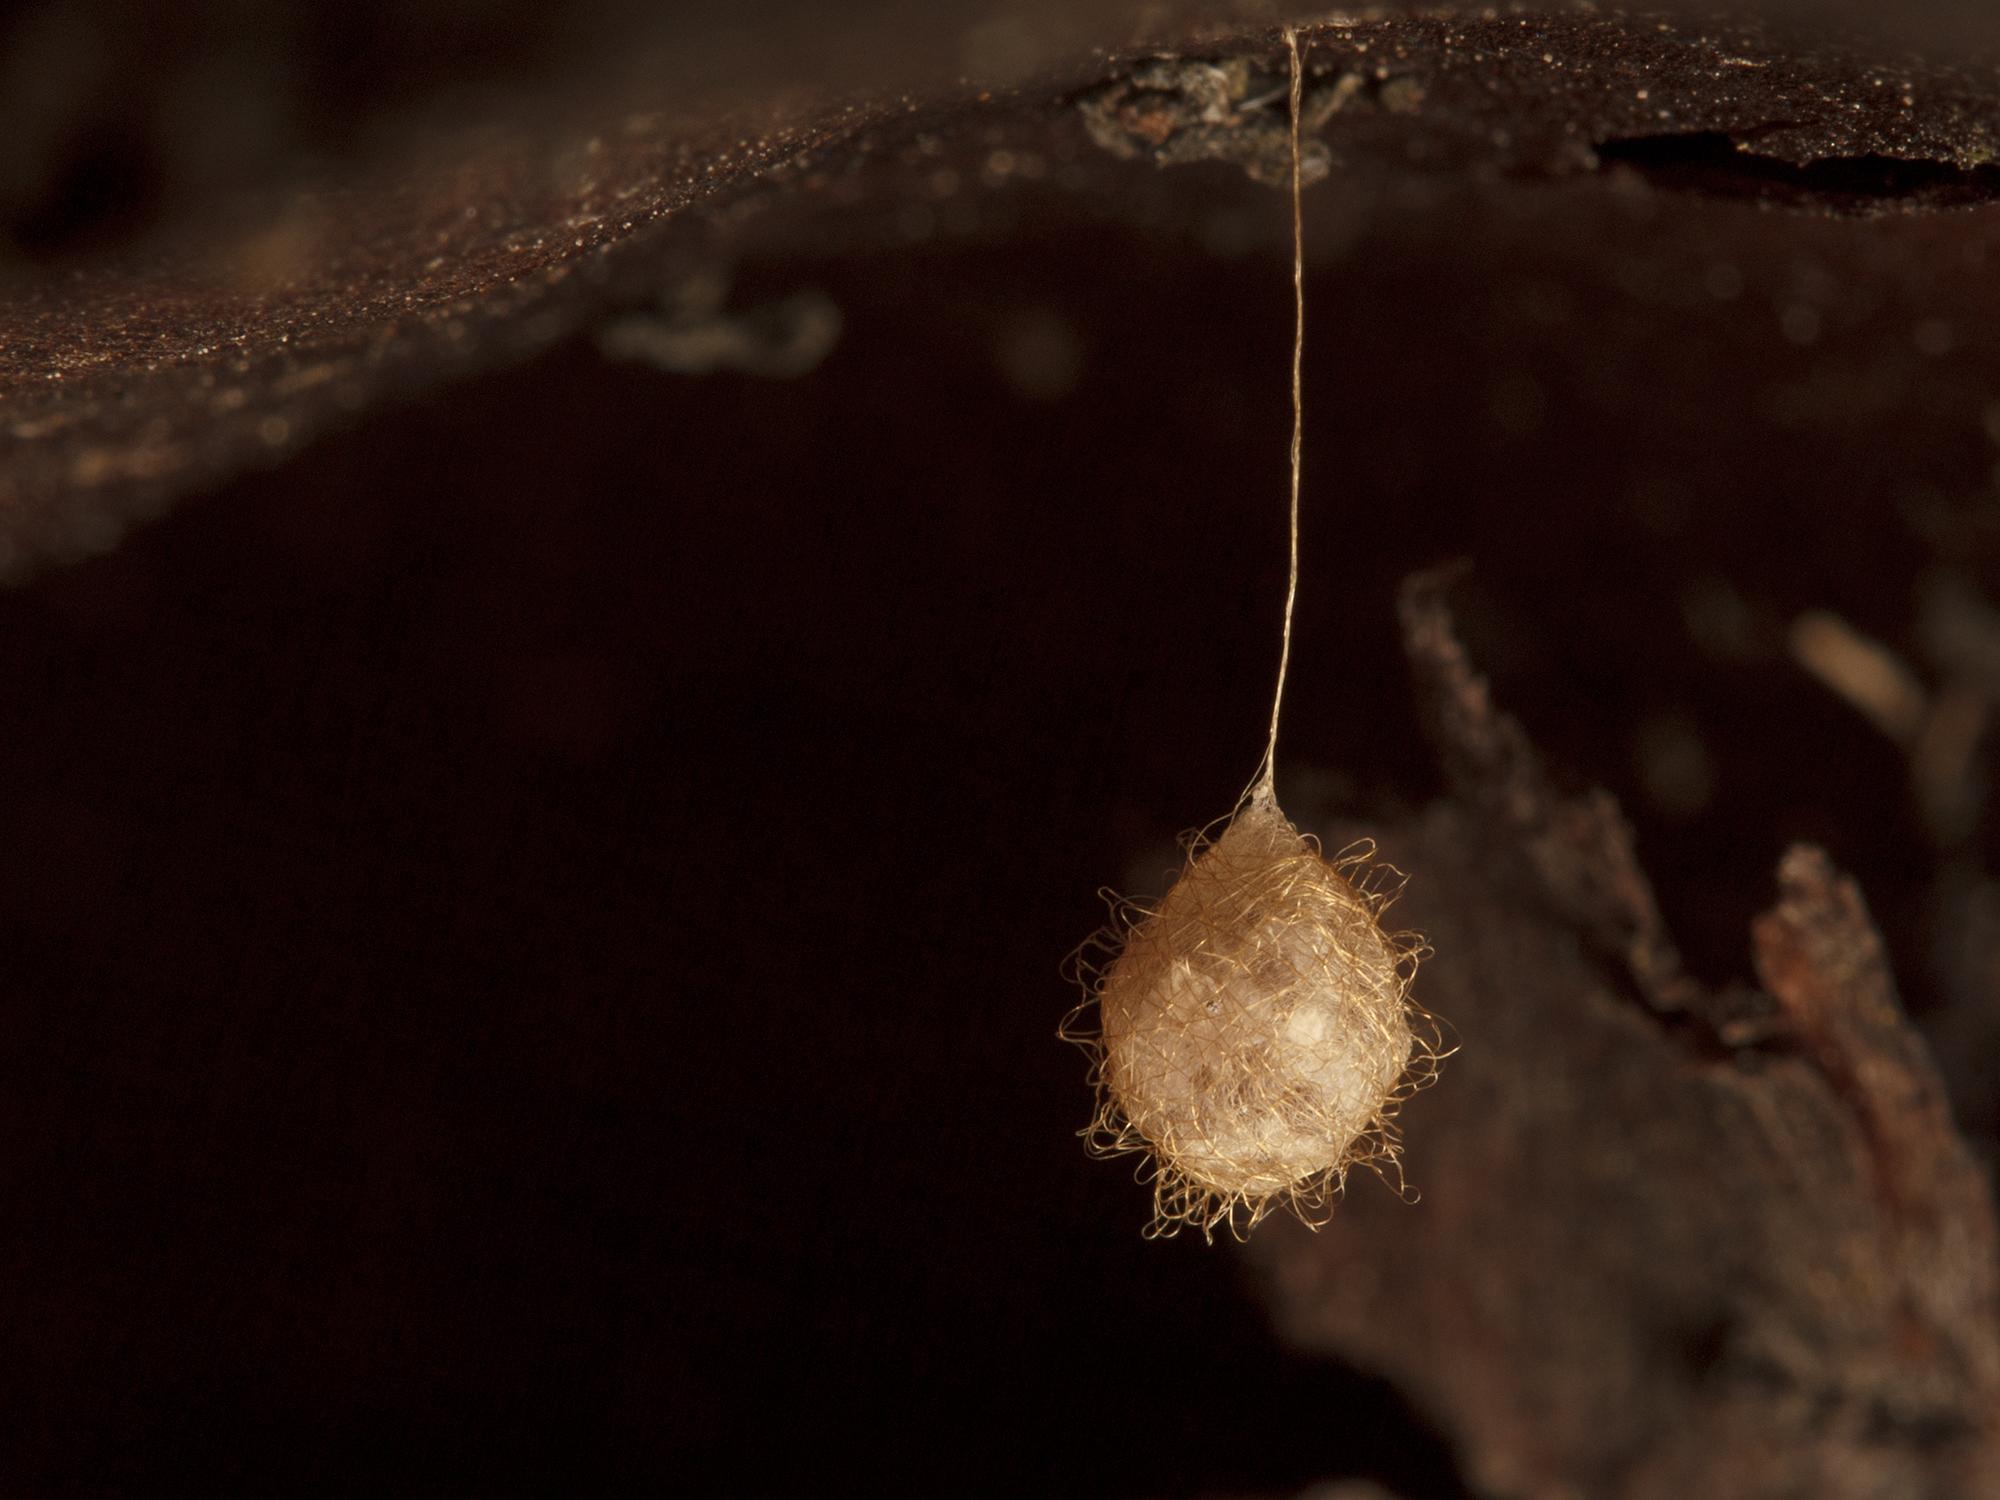 Mimetidae_egg sac